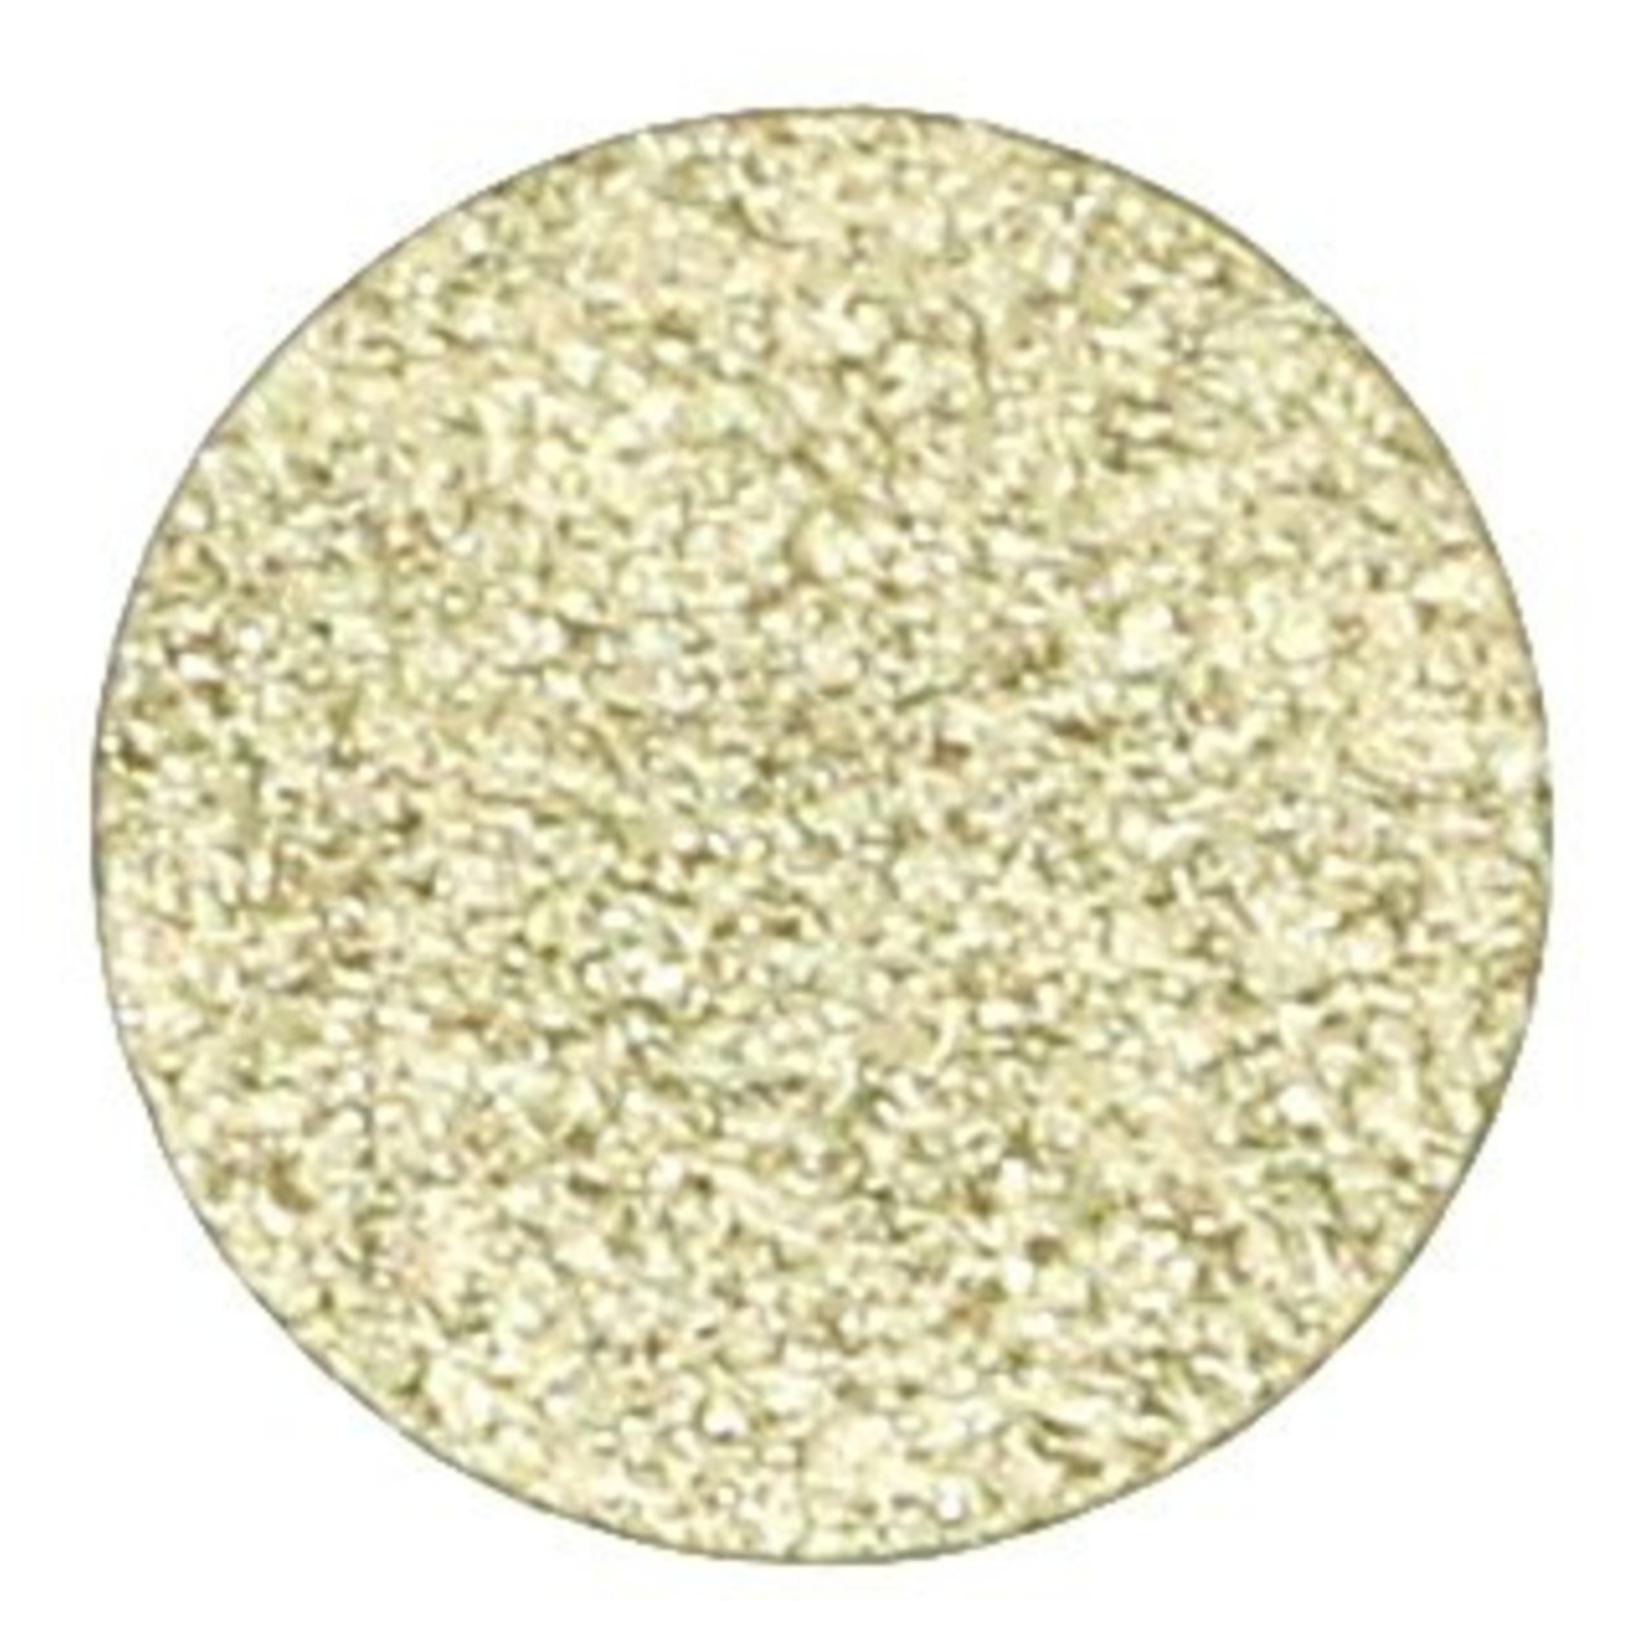 JKC EYESHADOW - Nebula Dust